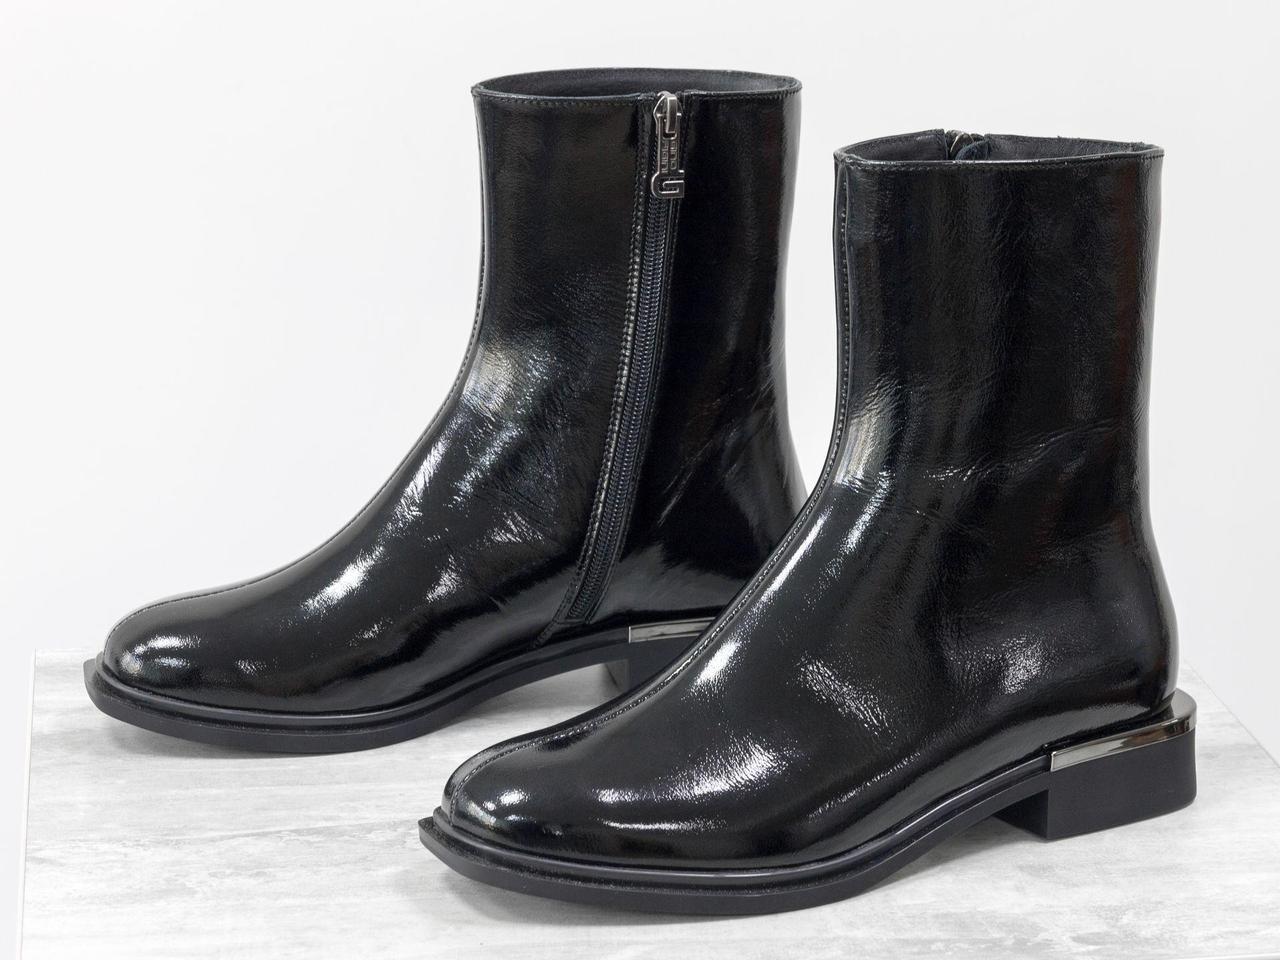 Стильные классические ботинки из натуральной лаковой кожи черного цвета